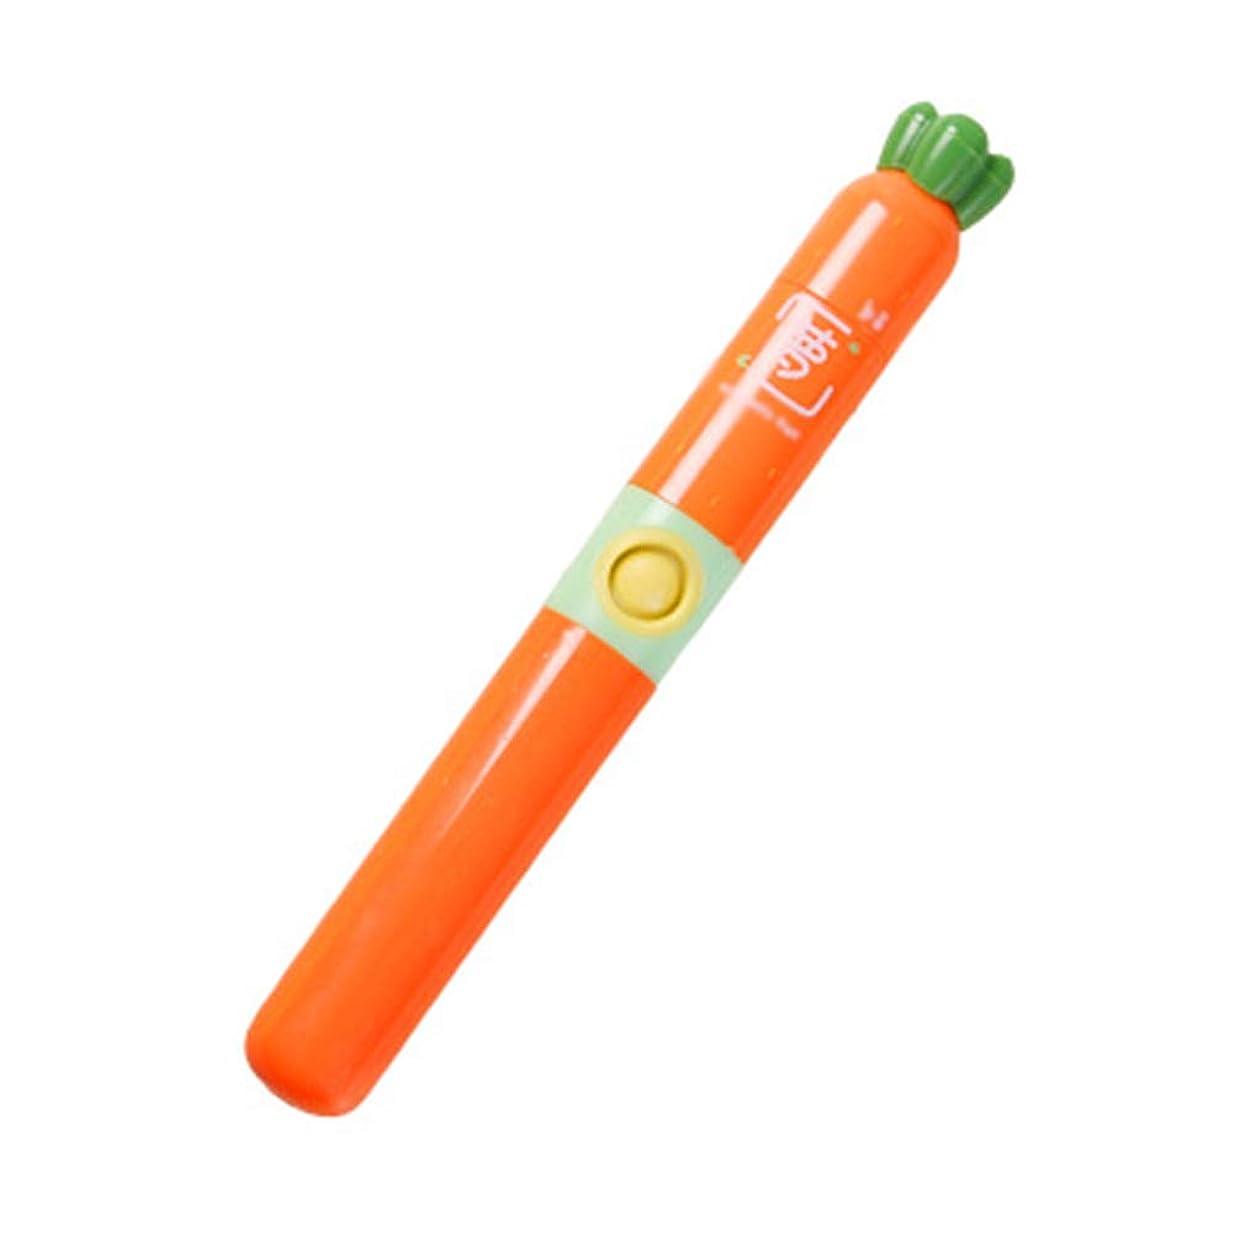 侵略コンチネンタル政治家の子供のための3つのモード電気歯ブラシの音波再充電可能な歯ブラシ、との防水電池の歯ブラシ,B